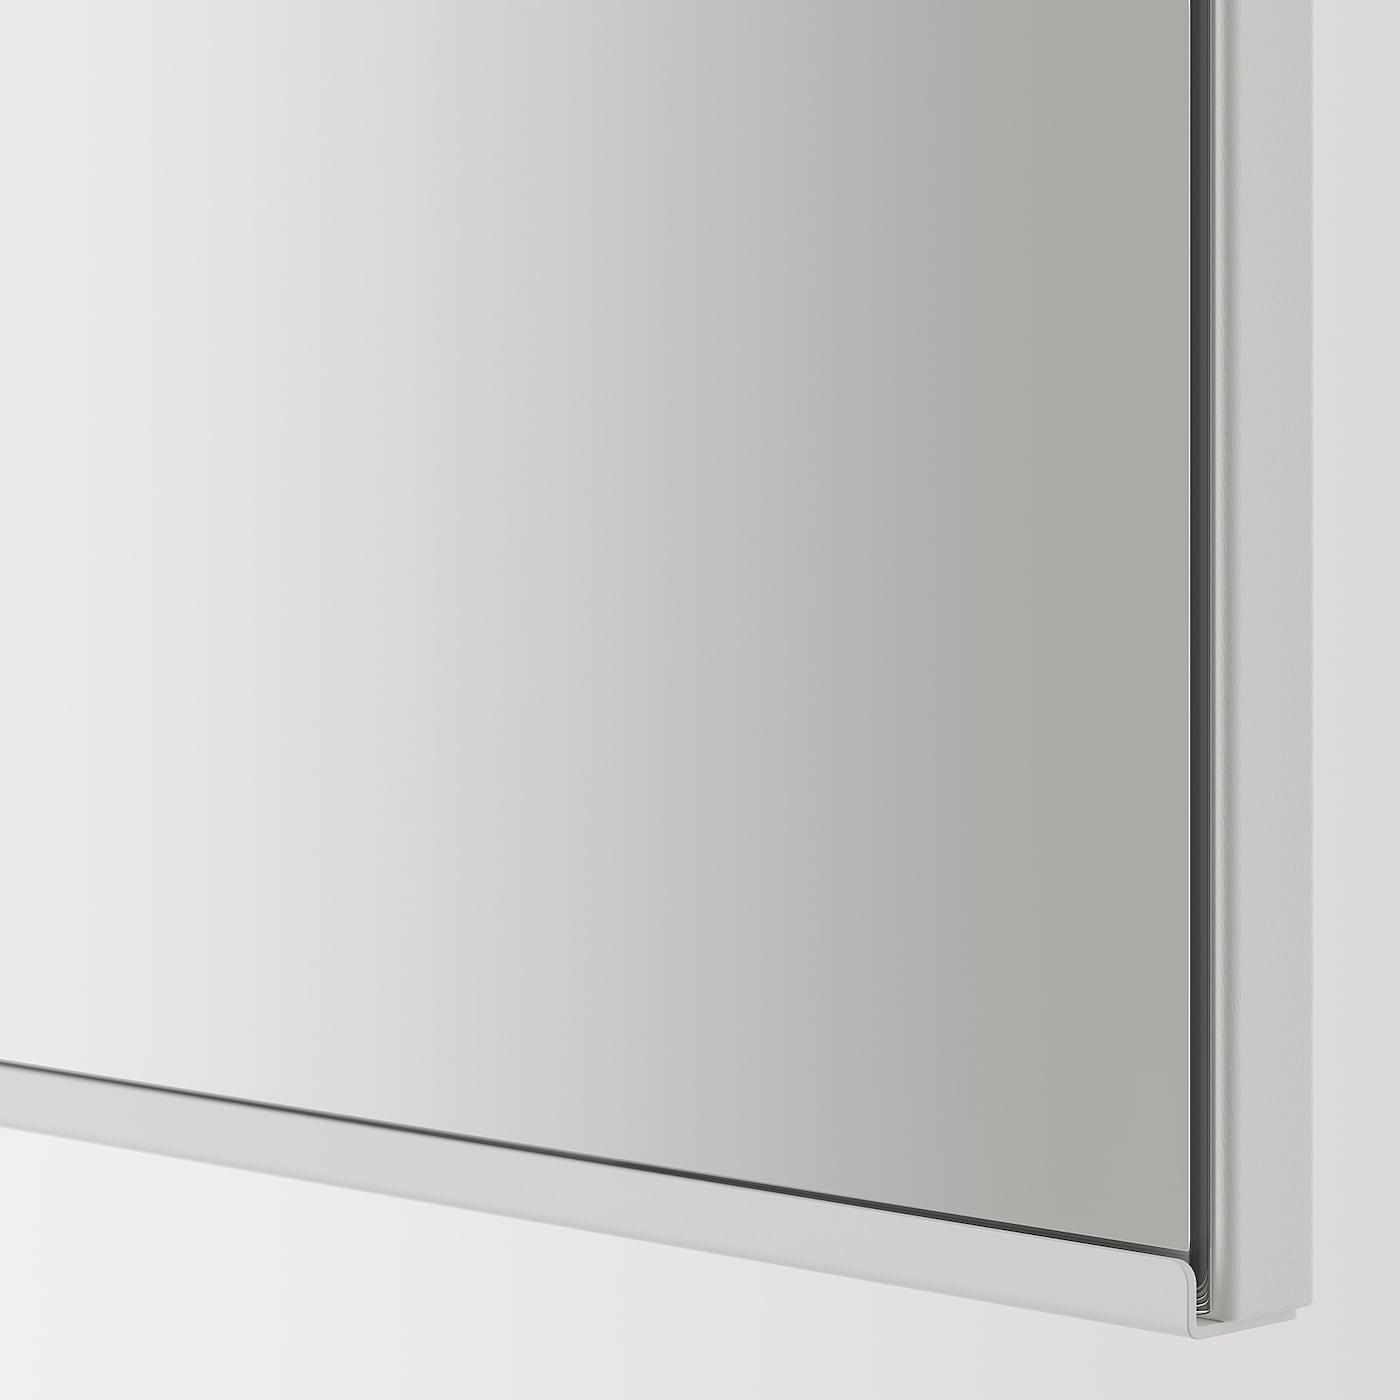 ENHET Spiegelschrank 1 Tür, weiß, 40x17x75 cm